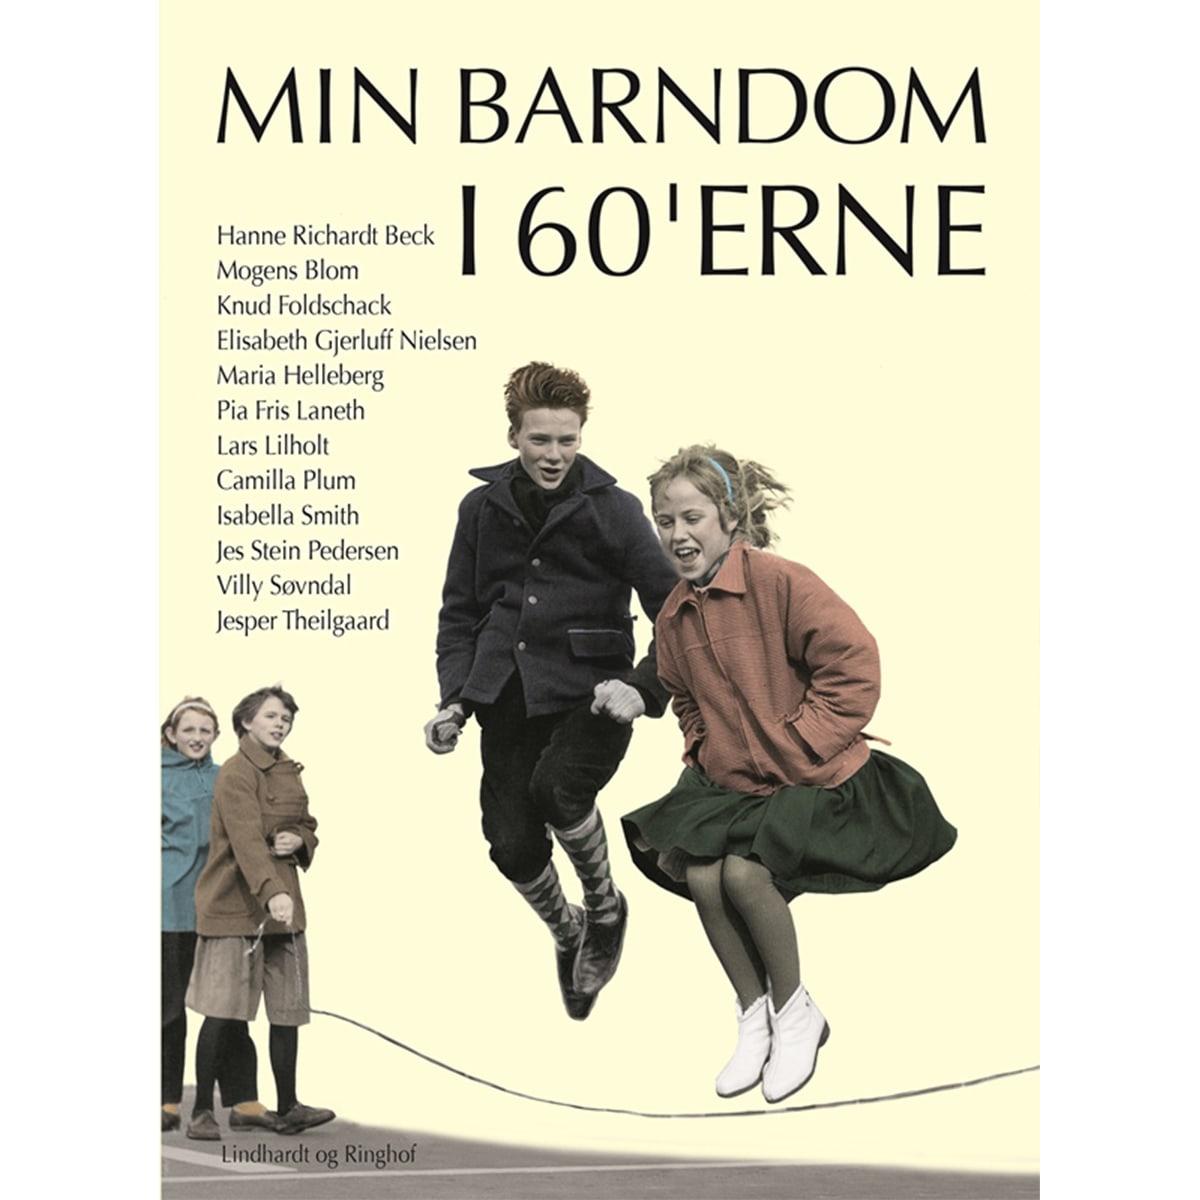 Af Hanne Richardt Beck, Mogens Blom, Knud Foldschack m.fl.